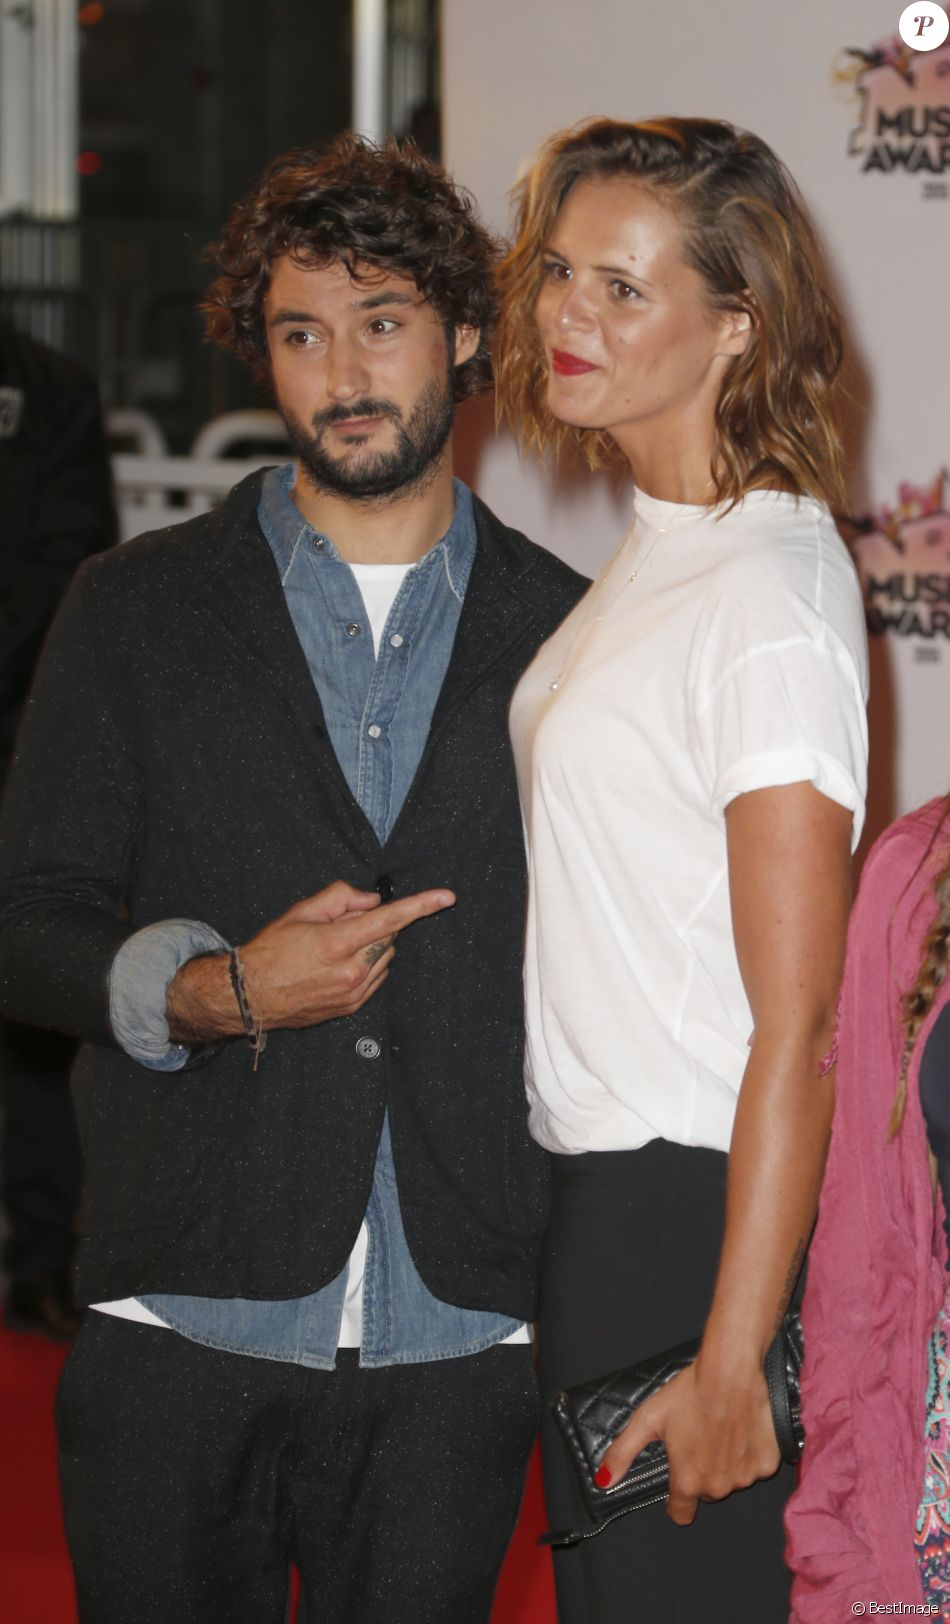 Laure Manaudou et son compagnon Jérémy Frérot à la 17ème cérémonie des NRJ Music Awards le 7 novembre 2015.